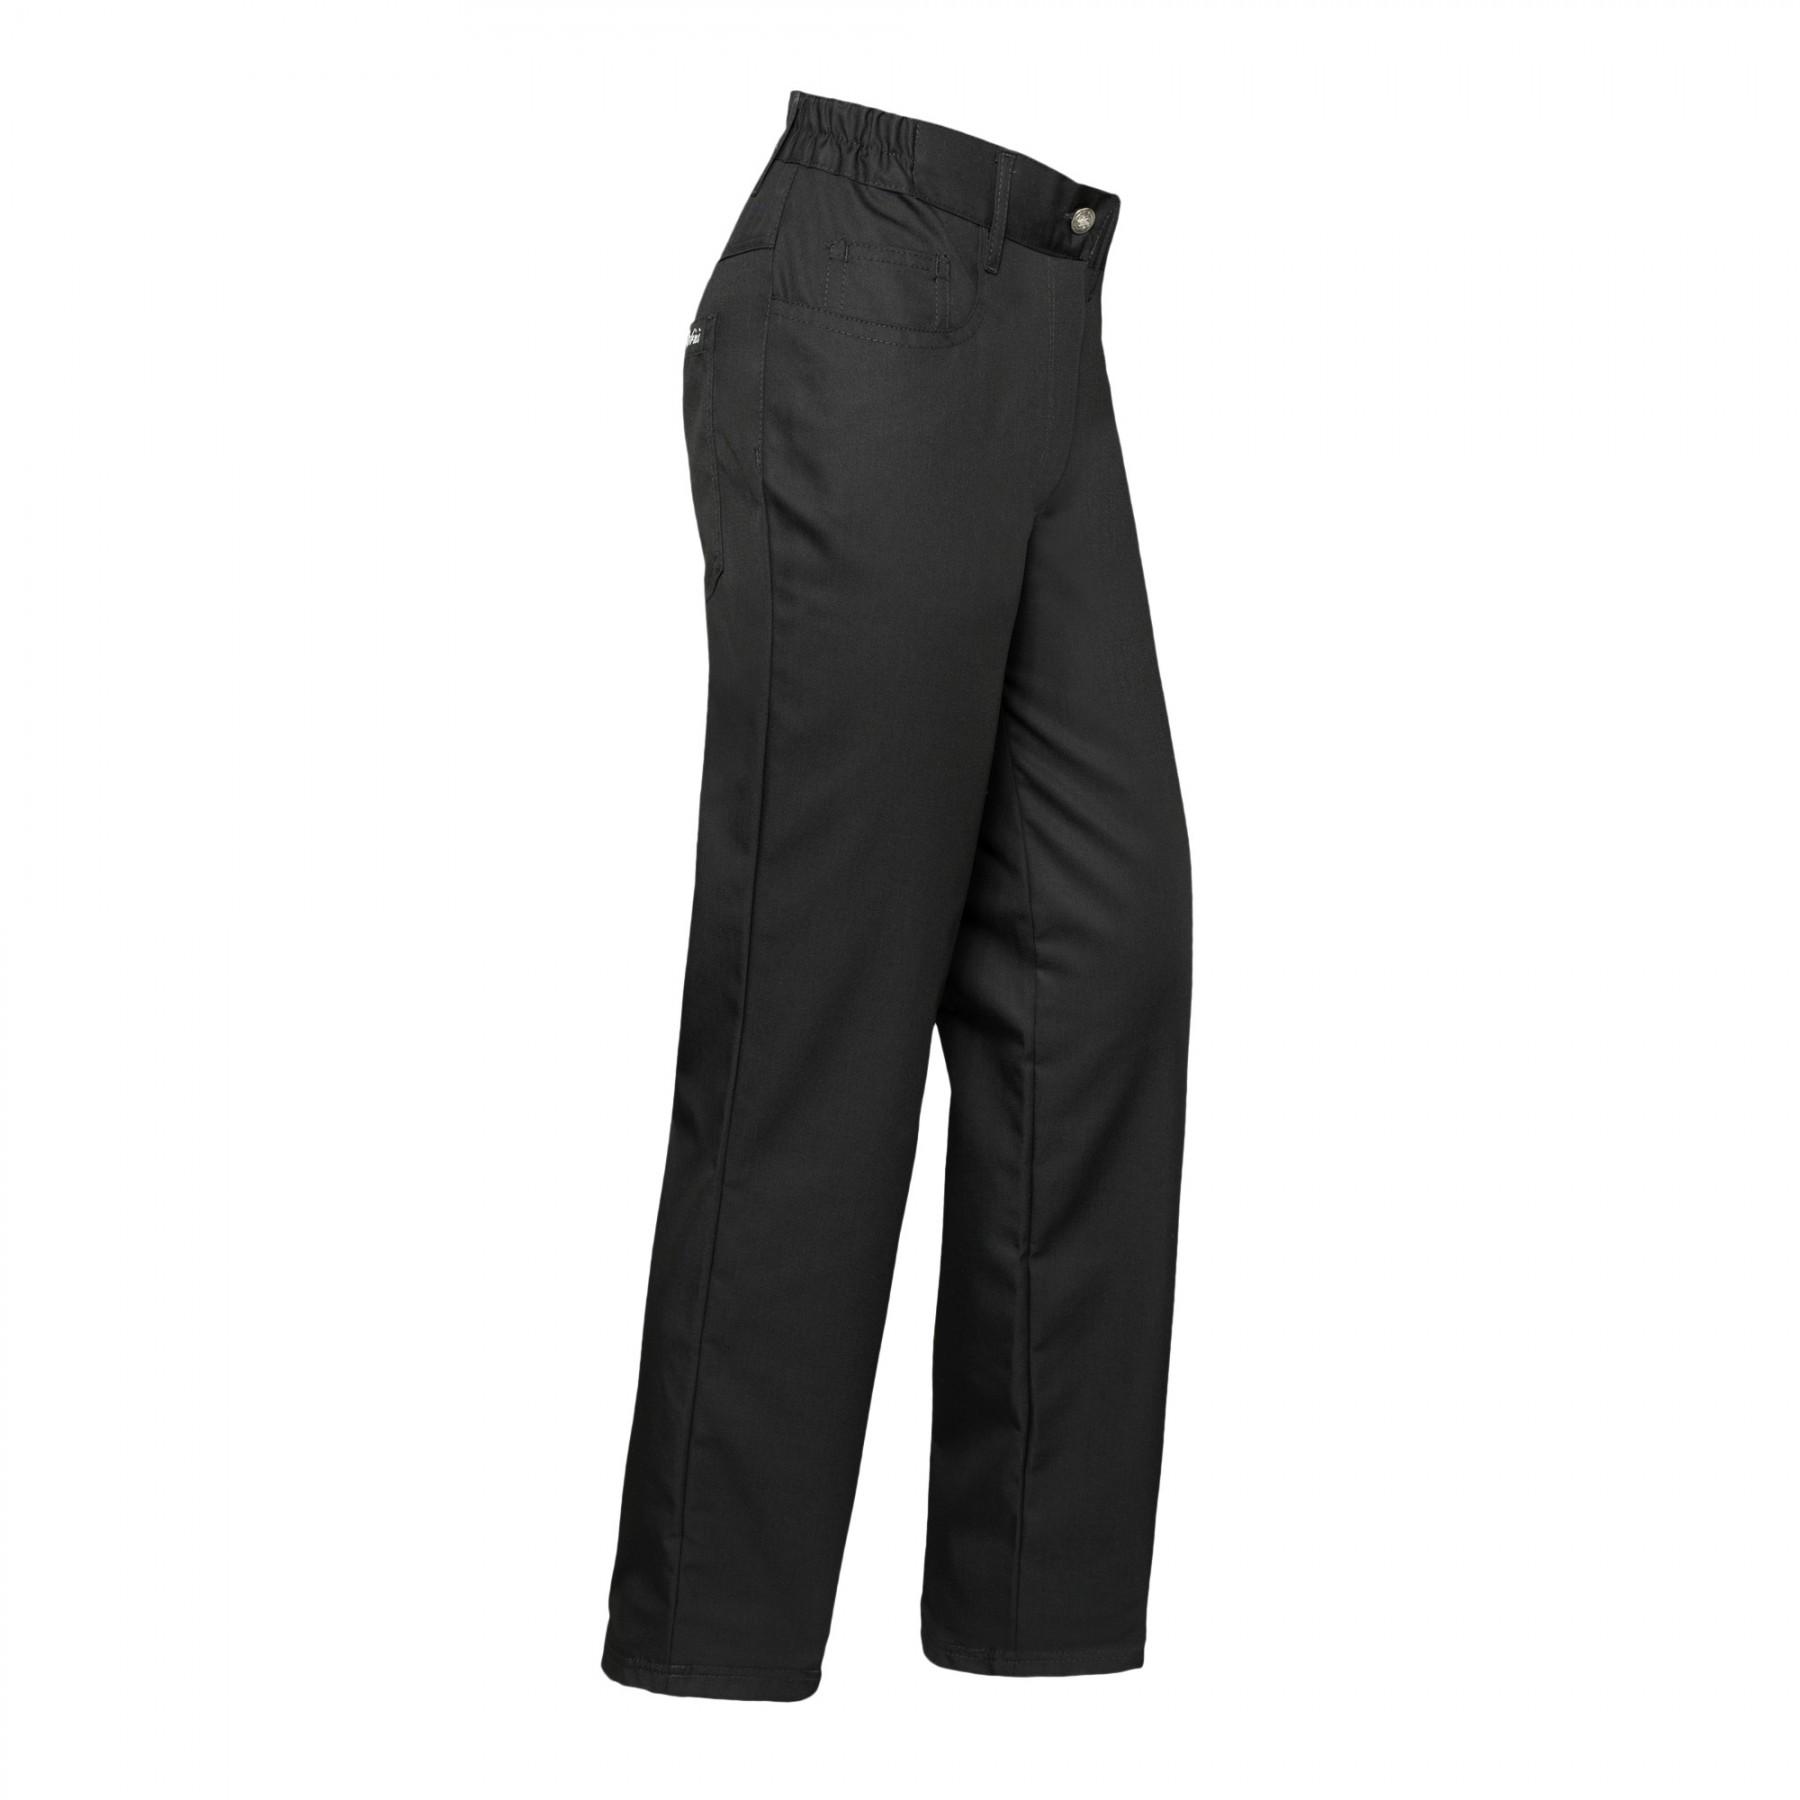 Damen Pantalon 5-Pocket Black